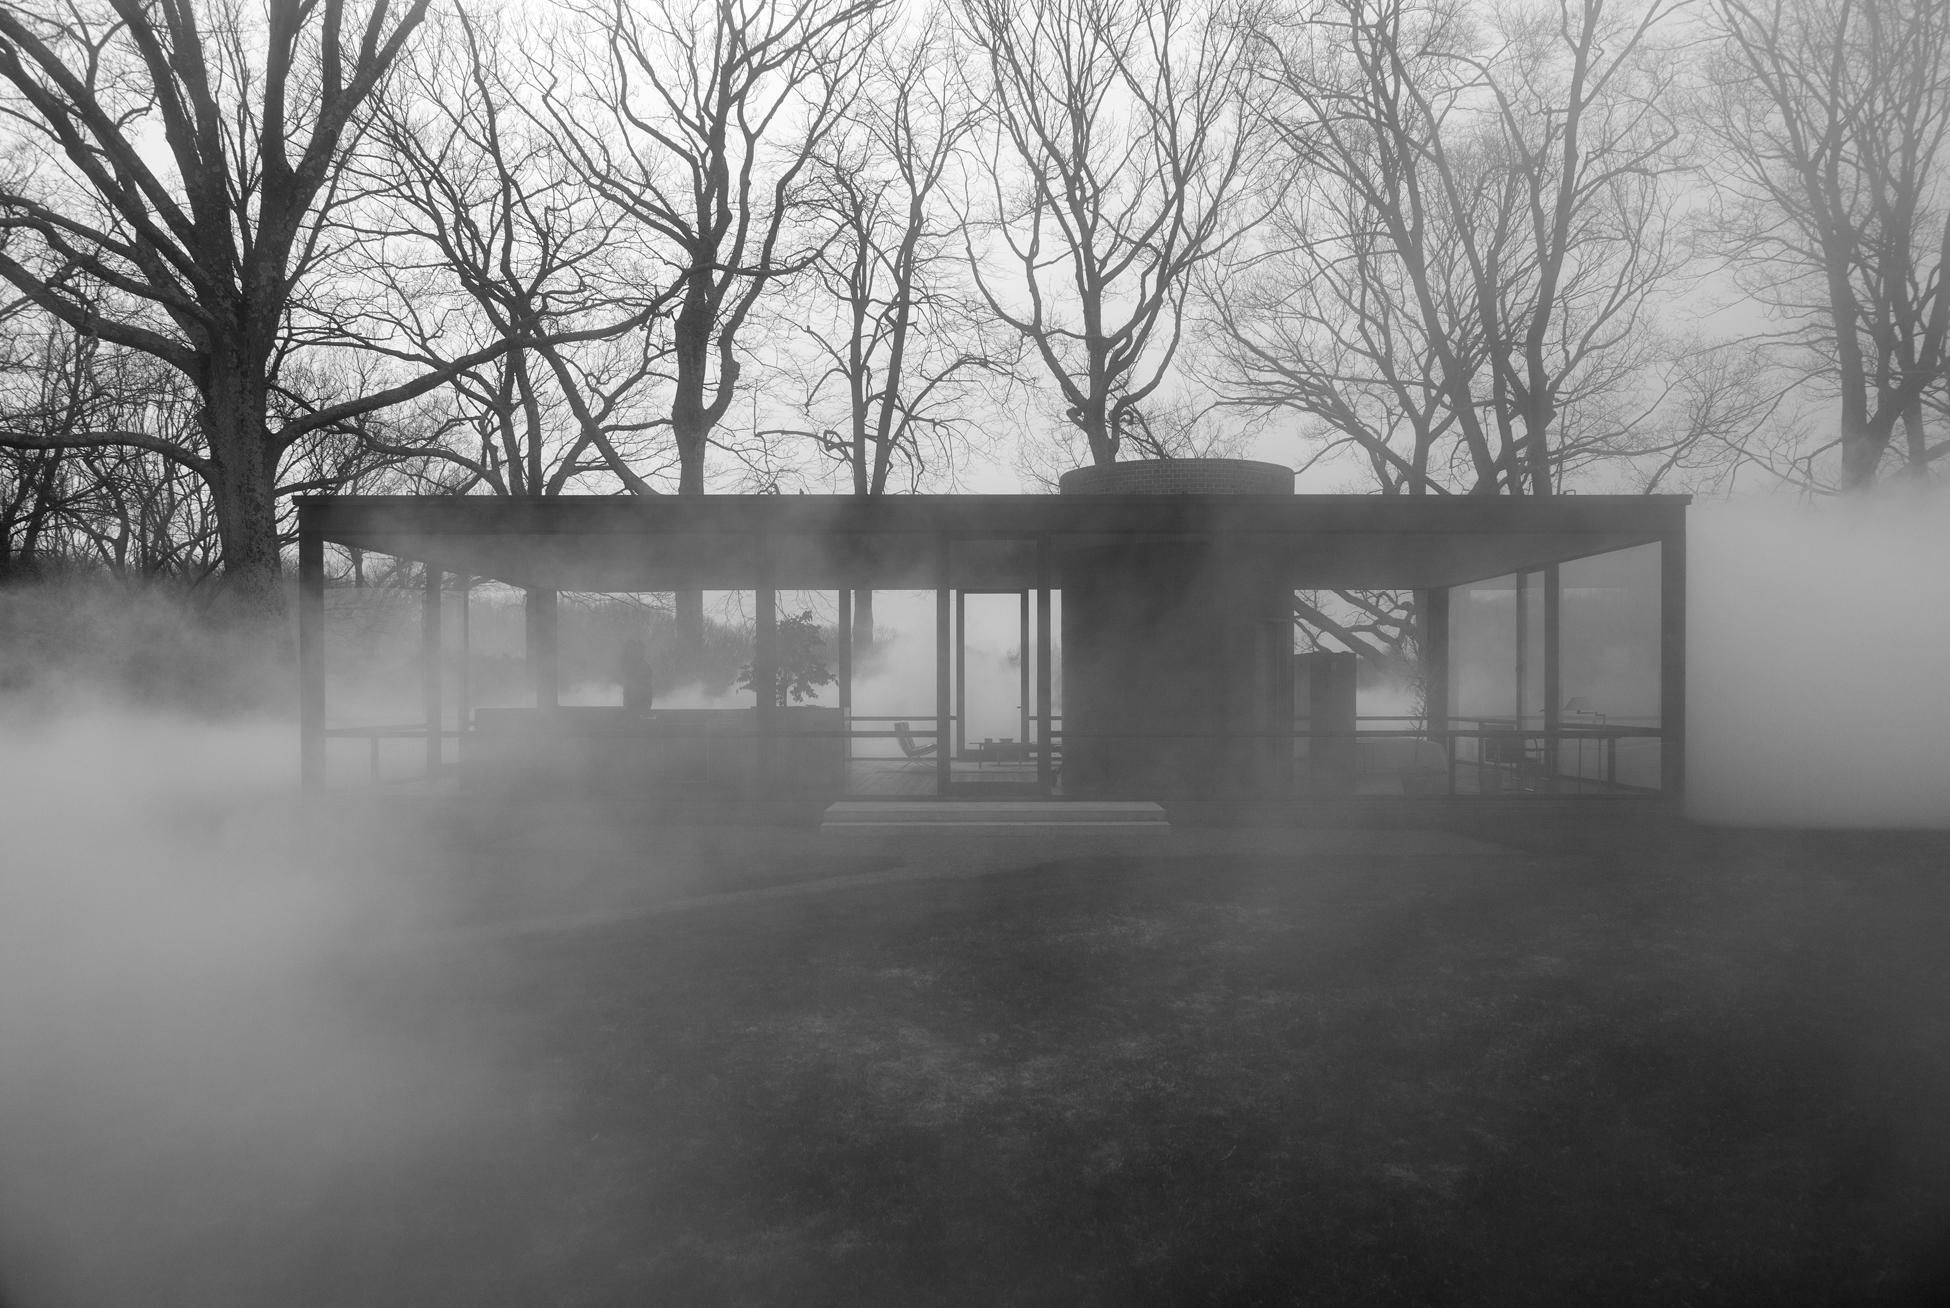 GlassHouse_Fog_030.jpg